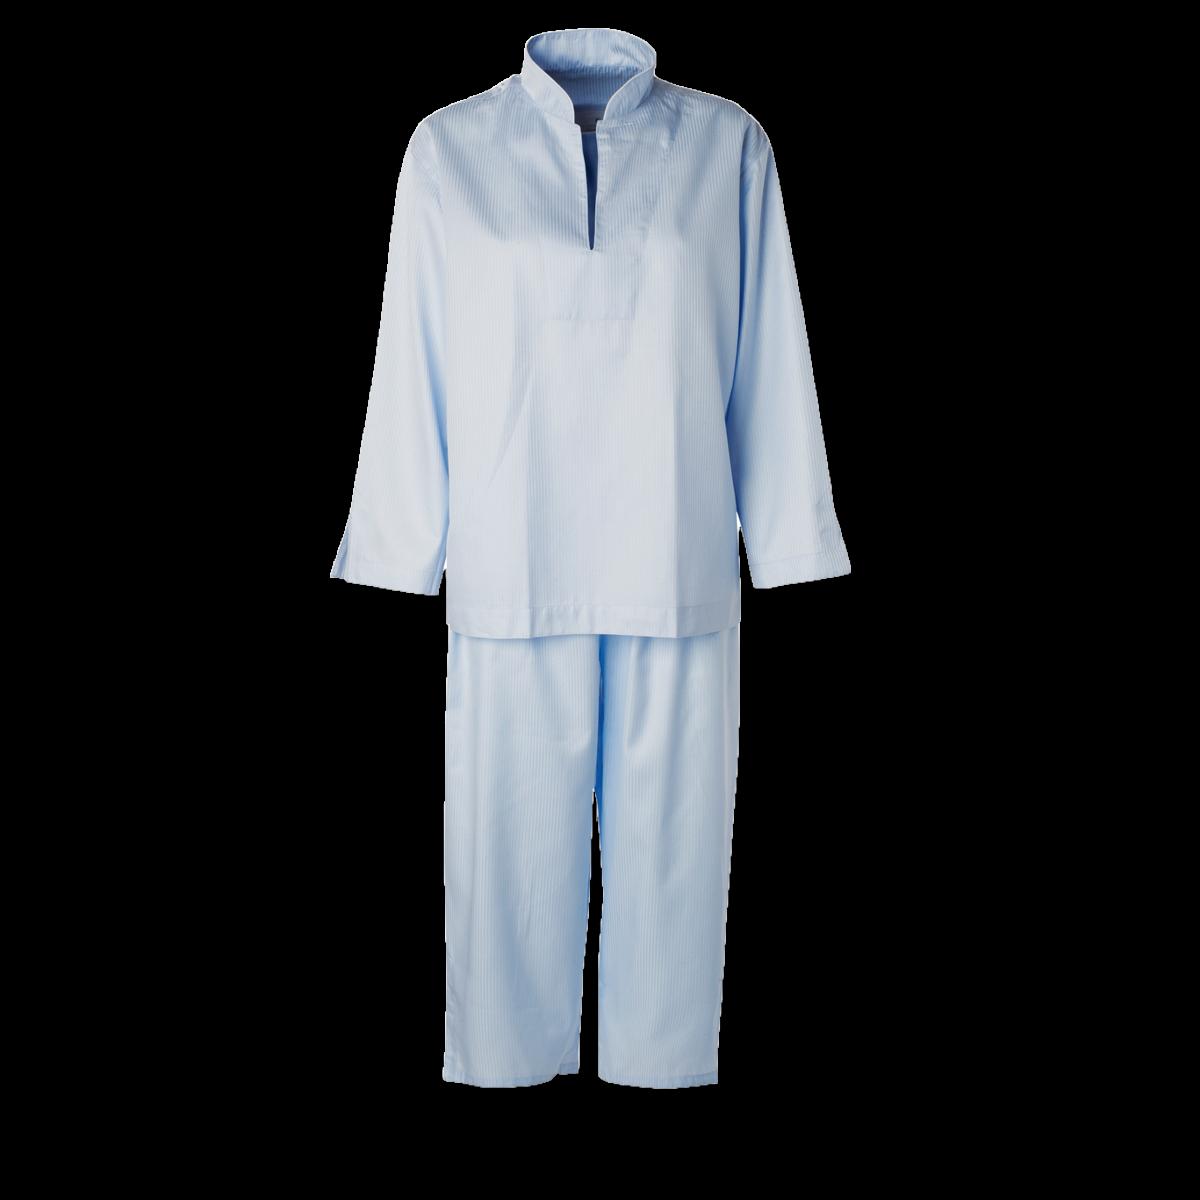 daeab83124cc Dame pyjamas Lyseblå smal strib